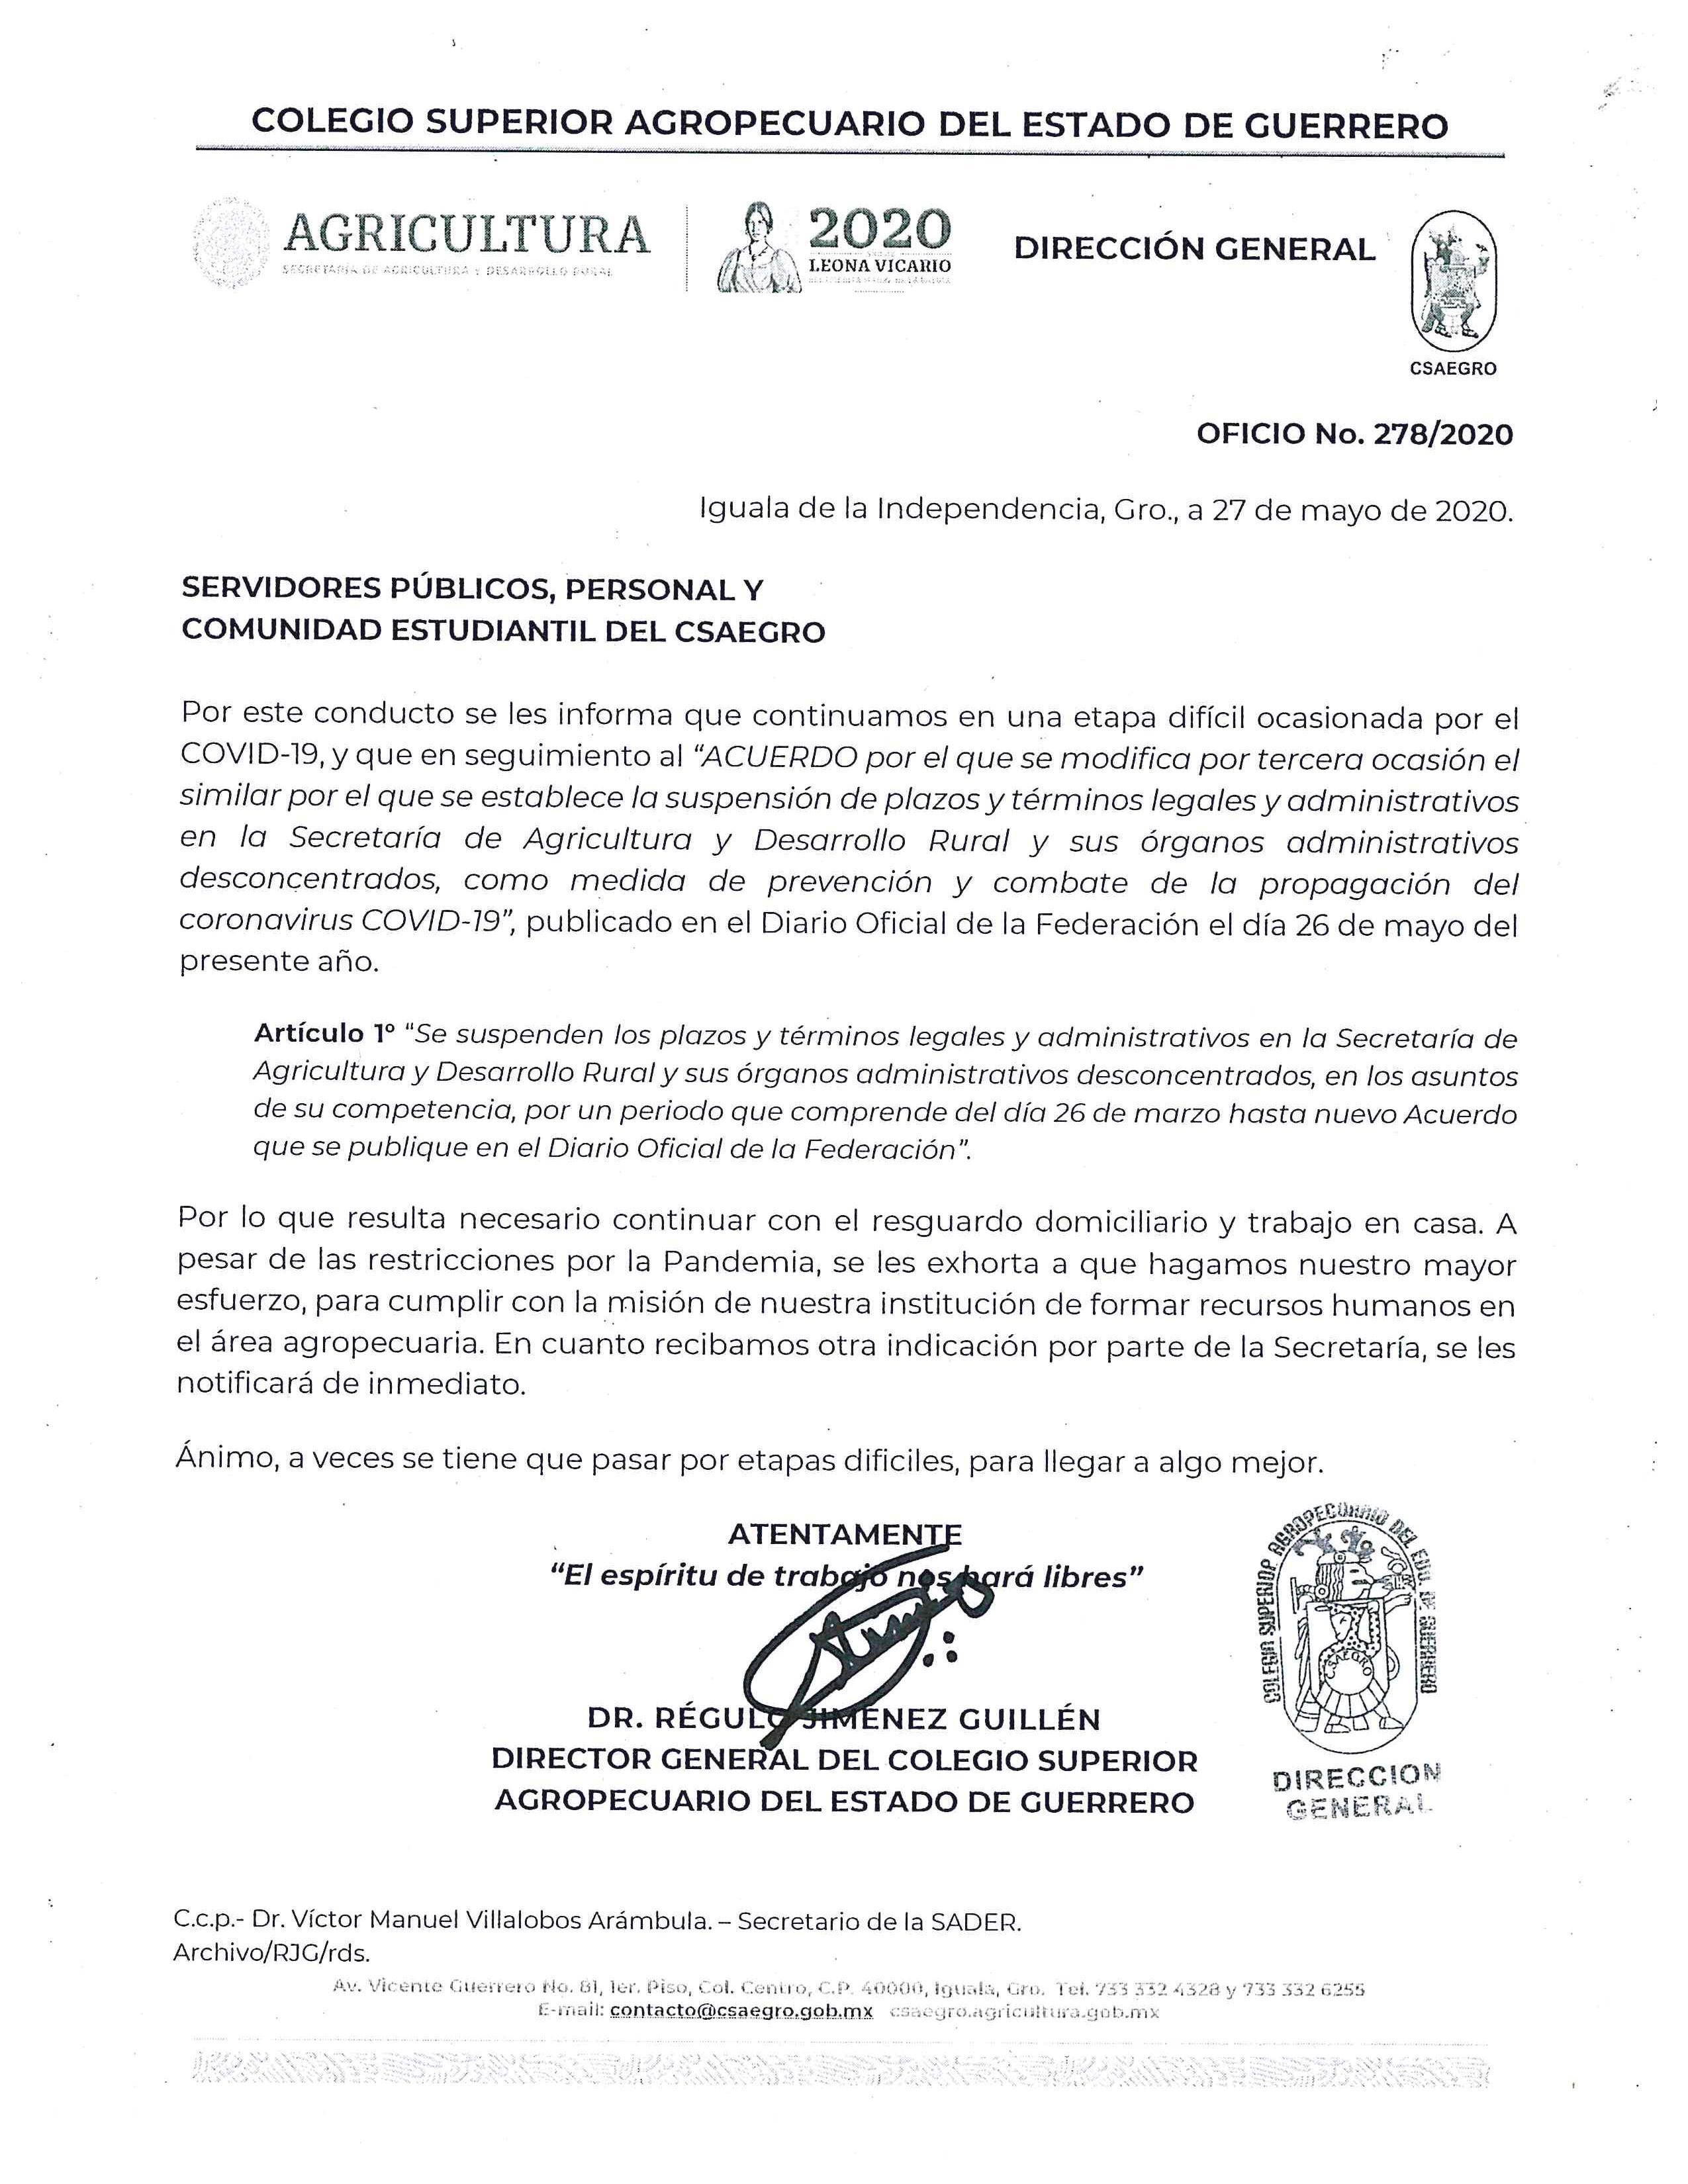 Oficio No.278/2020 Servidores Públicos, Personal y Comunidad Estudiantil del CSAEGRO